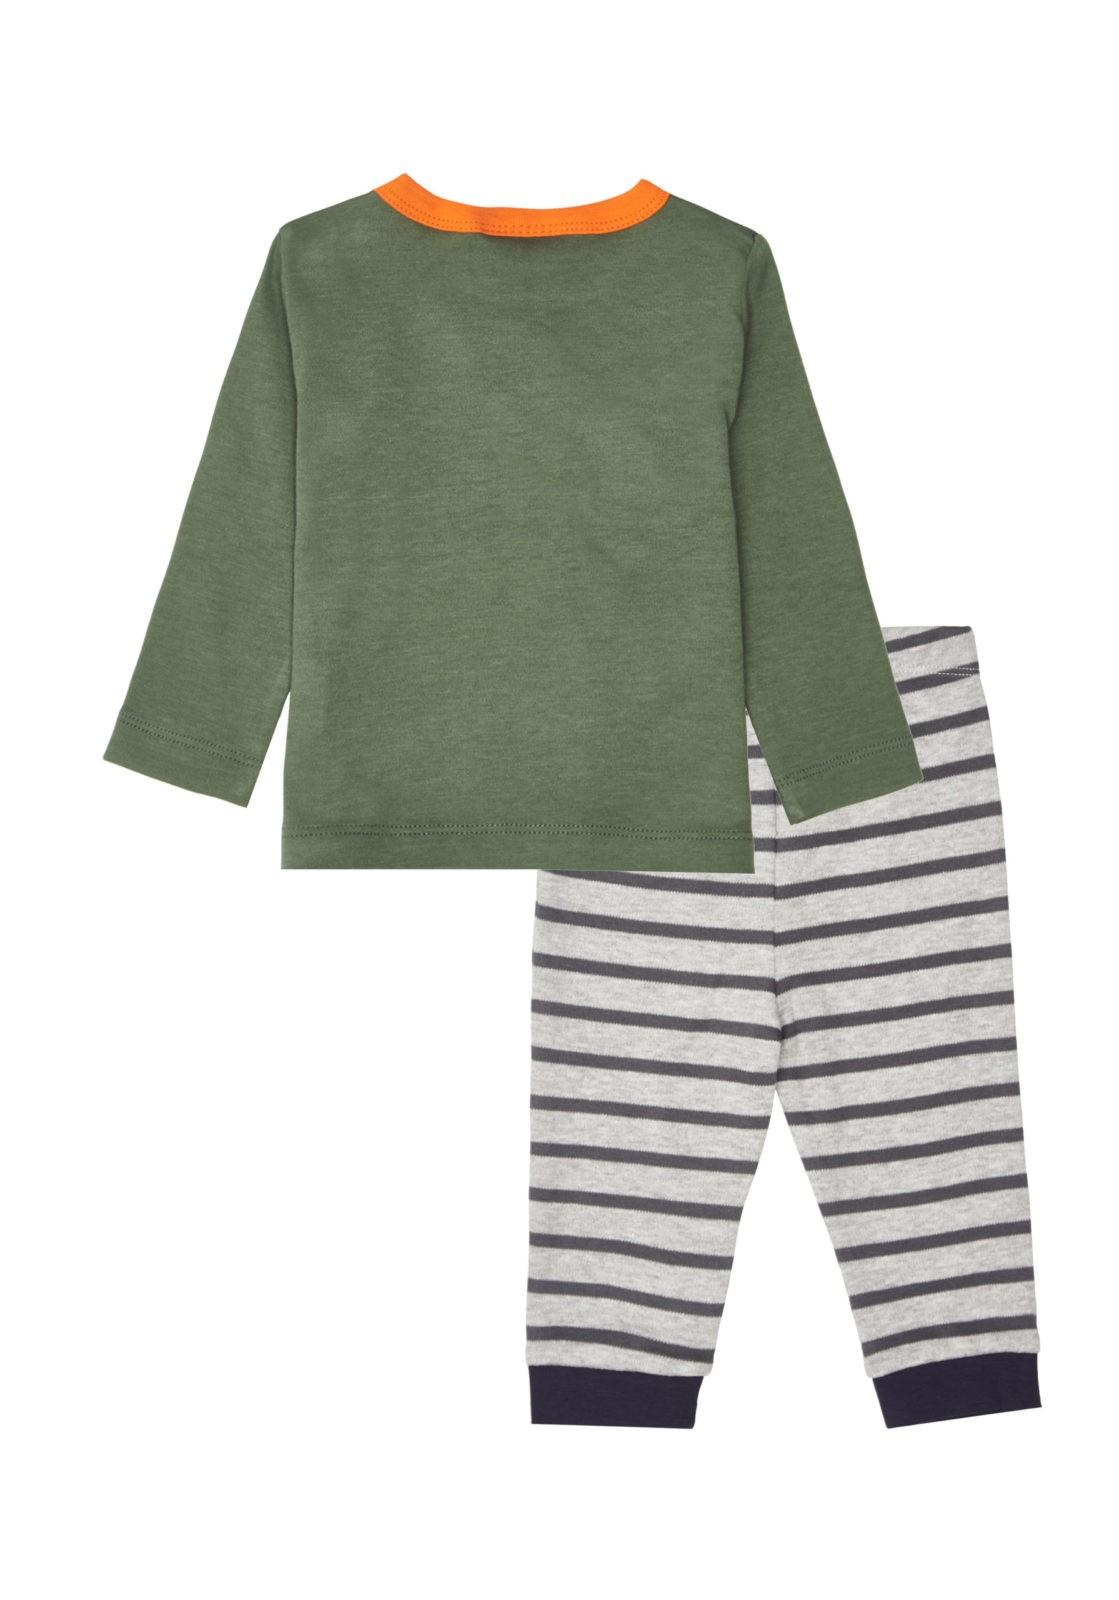 Chlapecké pyžamo Mýval Khaki/Šedý melanž - pruhy